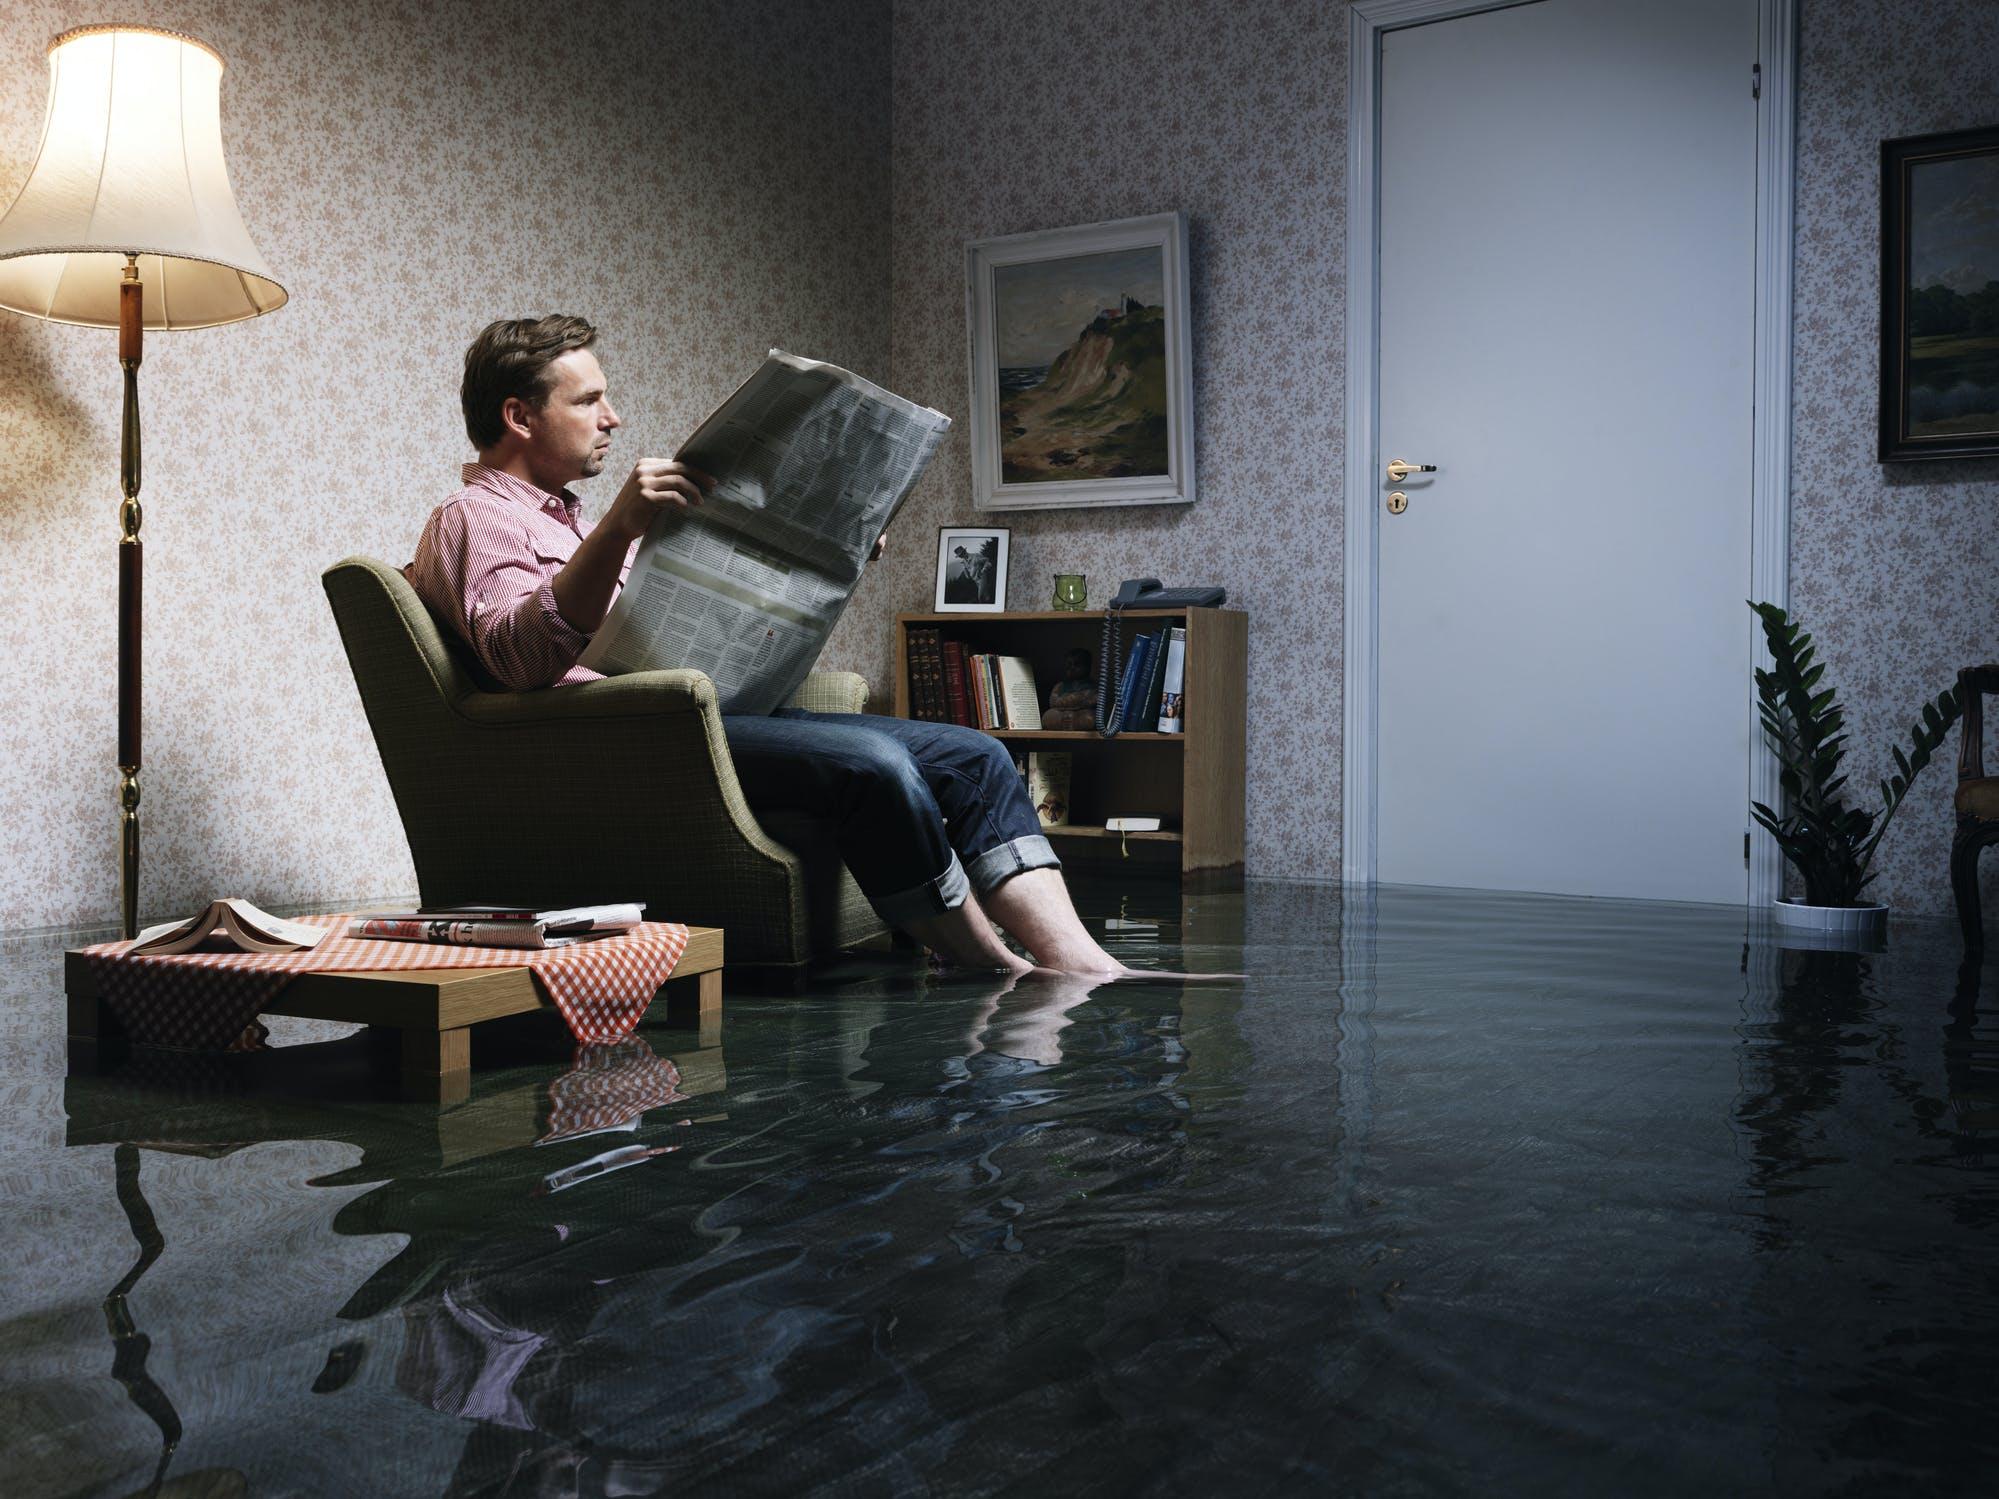 Podsumowanie Otodom.Live #40: Mądry Polak przed szkodą – od czego warto ubezpieczyć dom i mieszkanie?